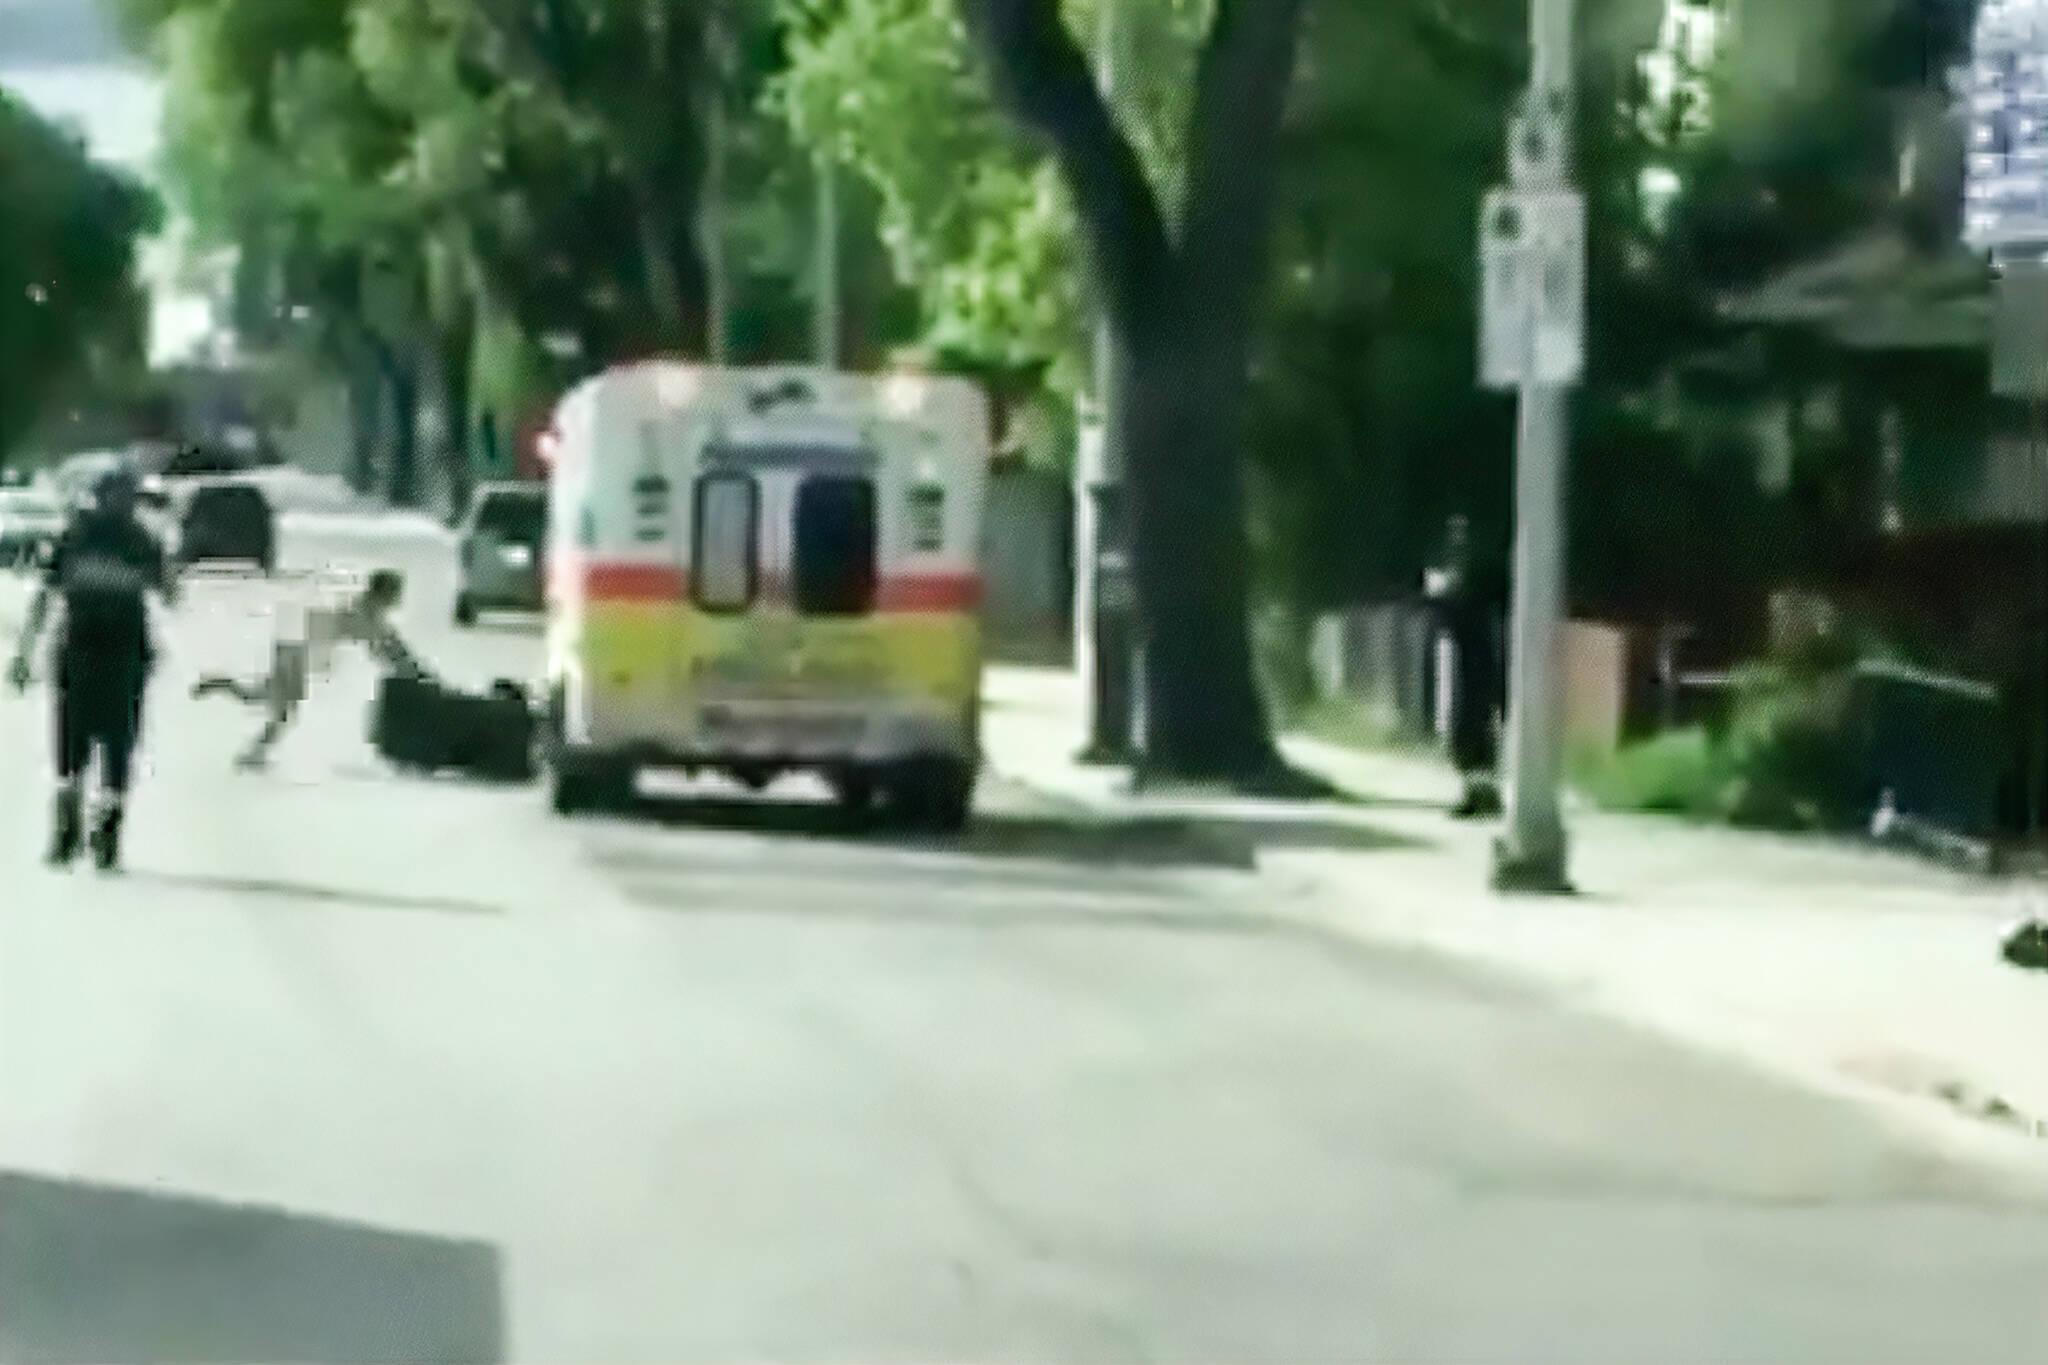 winnipeg ambulance